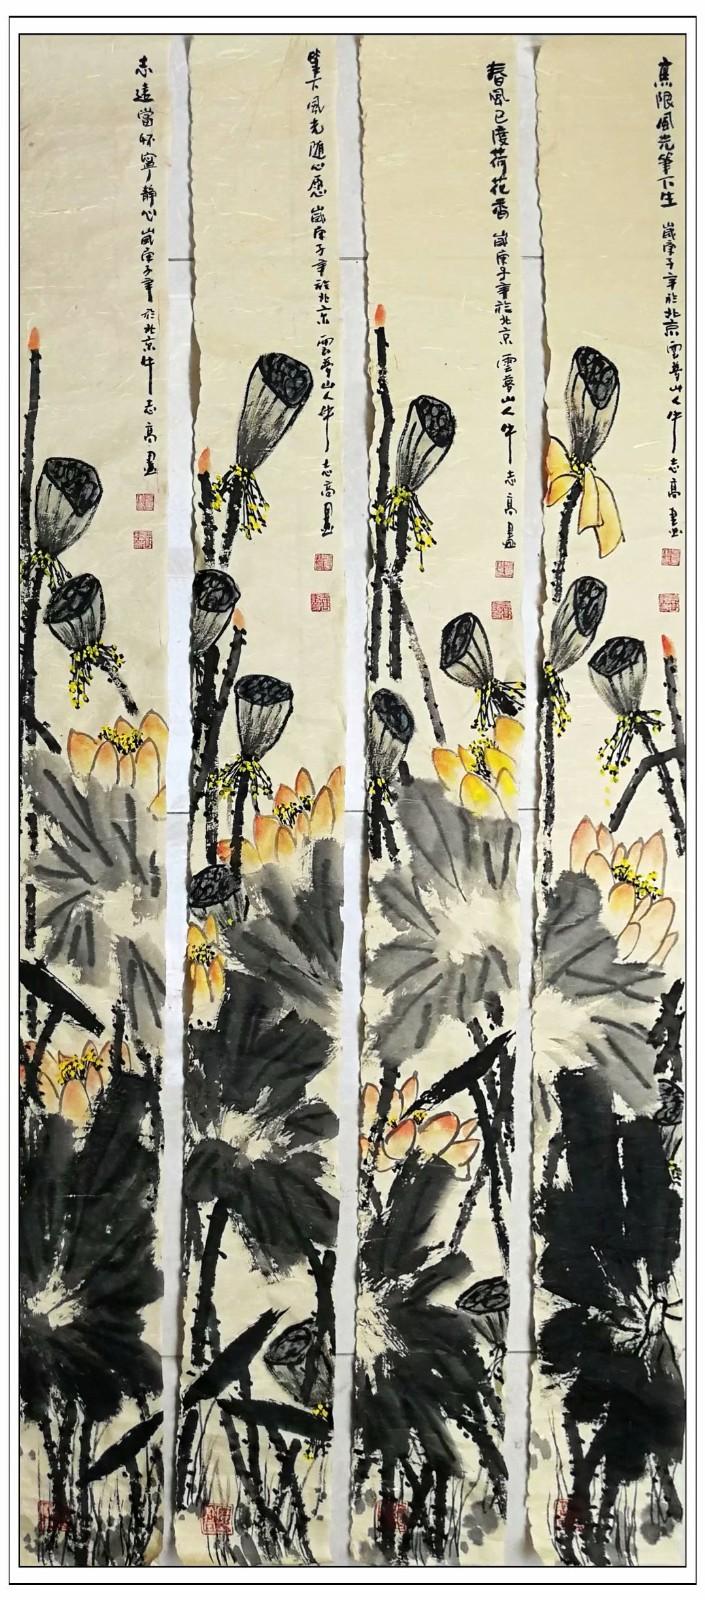 牛志高花鸟画---荷花艺术-------2020.10.22_图1-1